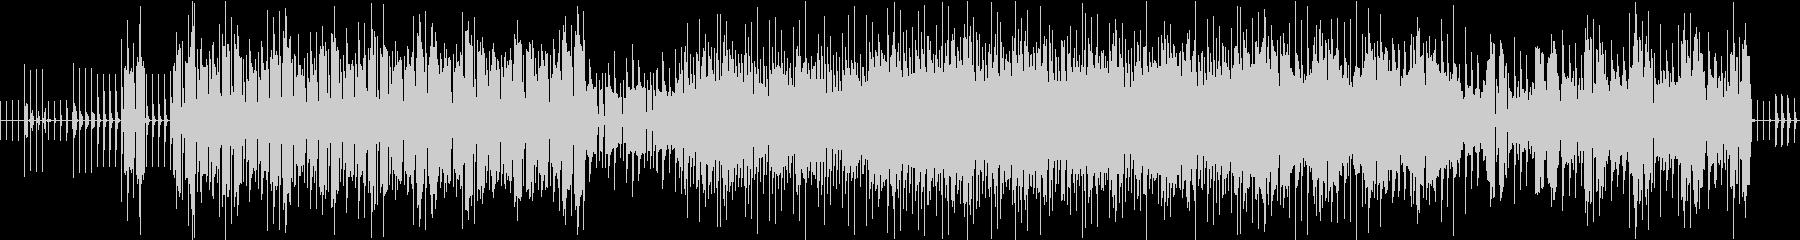 アンダーグラウンド感あるエレクトロニカの未再生の波形